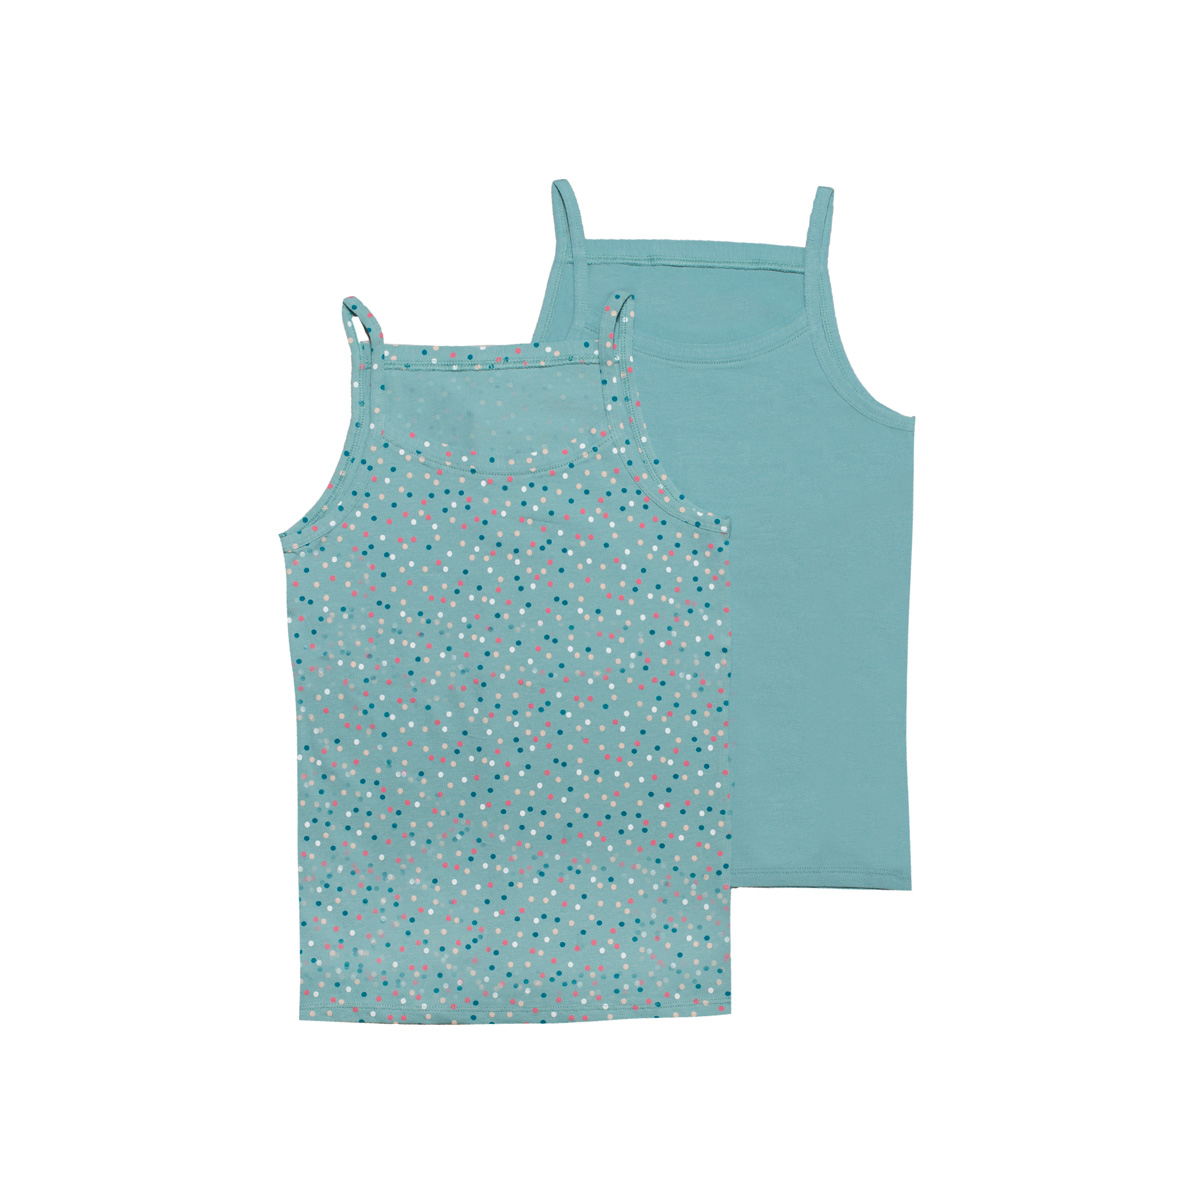 Dekliška sp. Majica, svetlo zelena